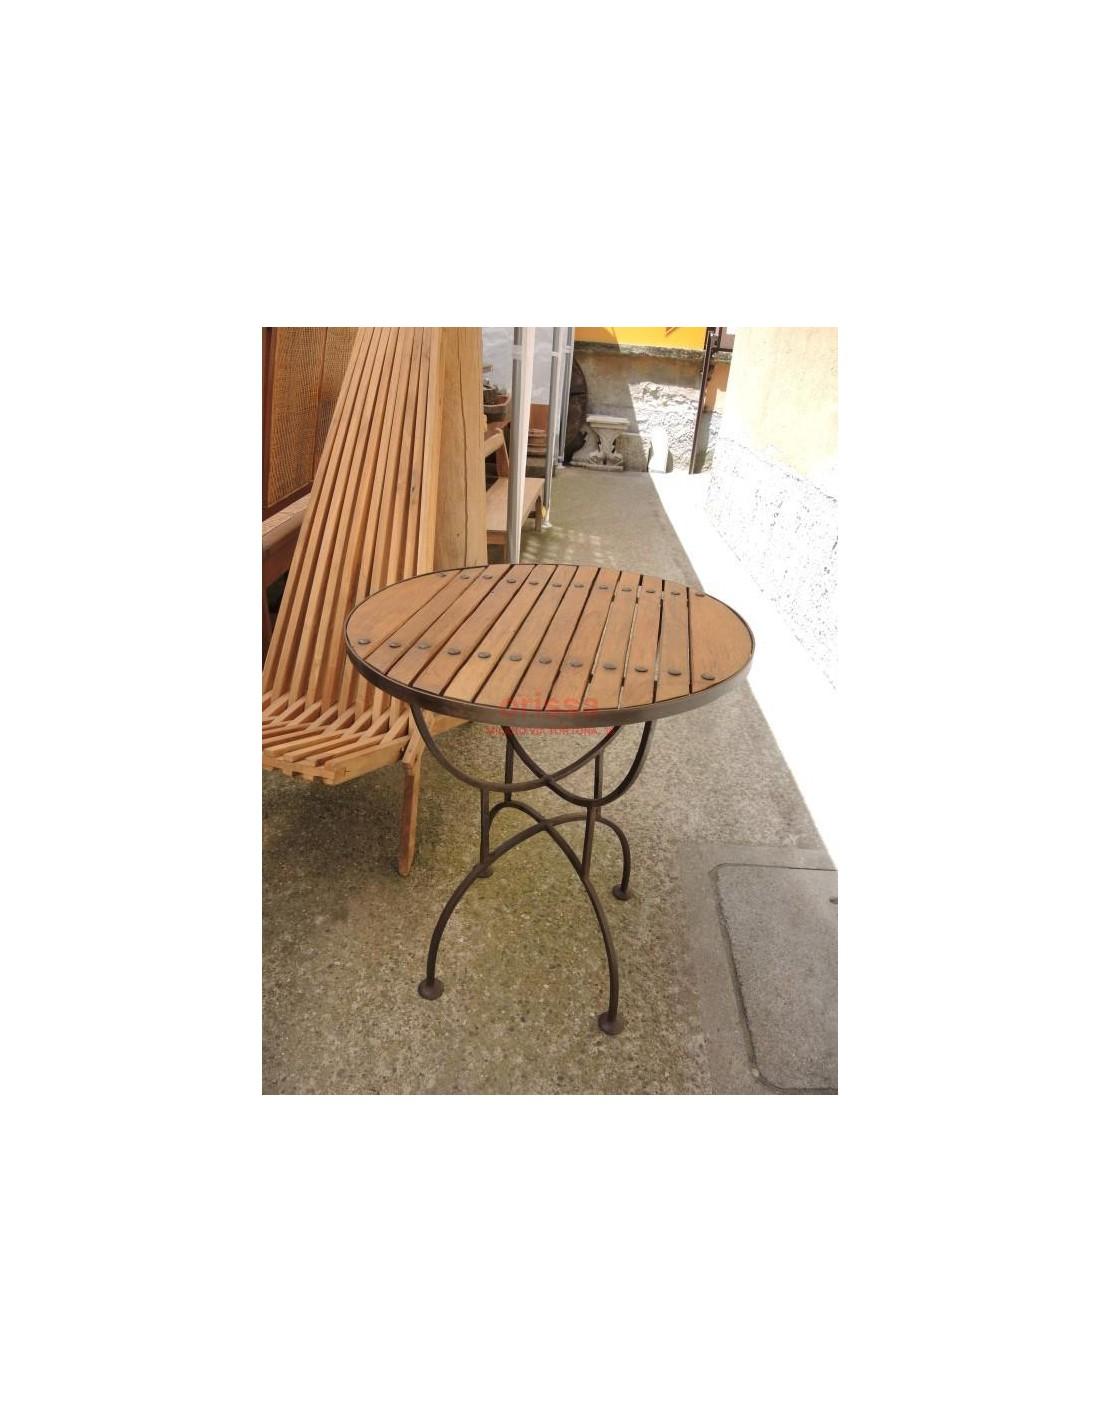 Tavolo Ferro e Legno per esterno COLC0534 - Orissa Mobili ...